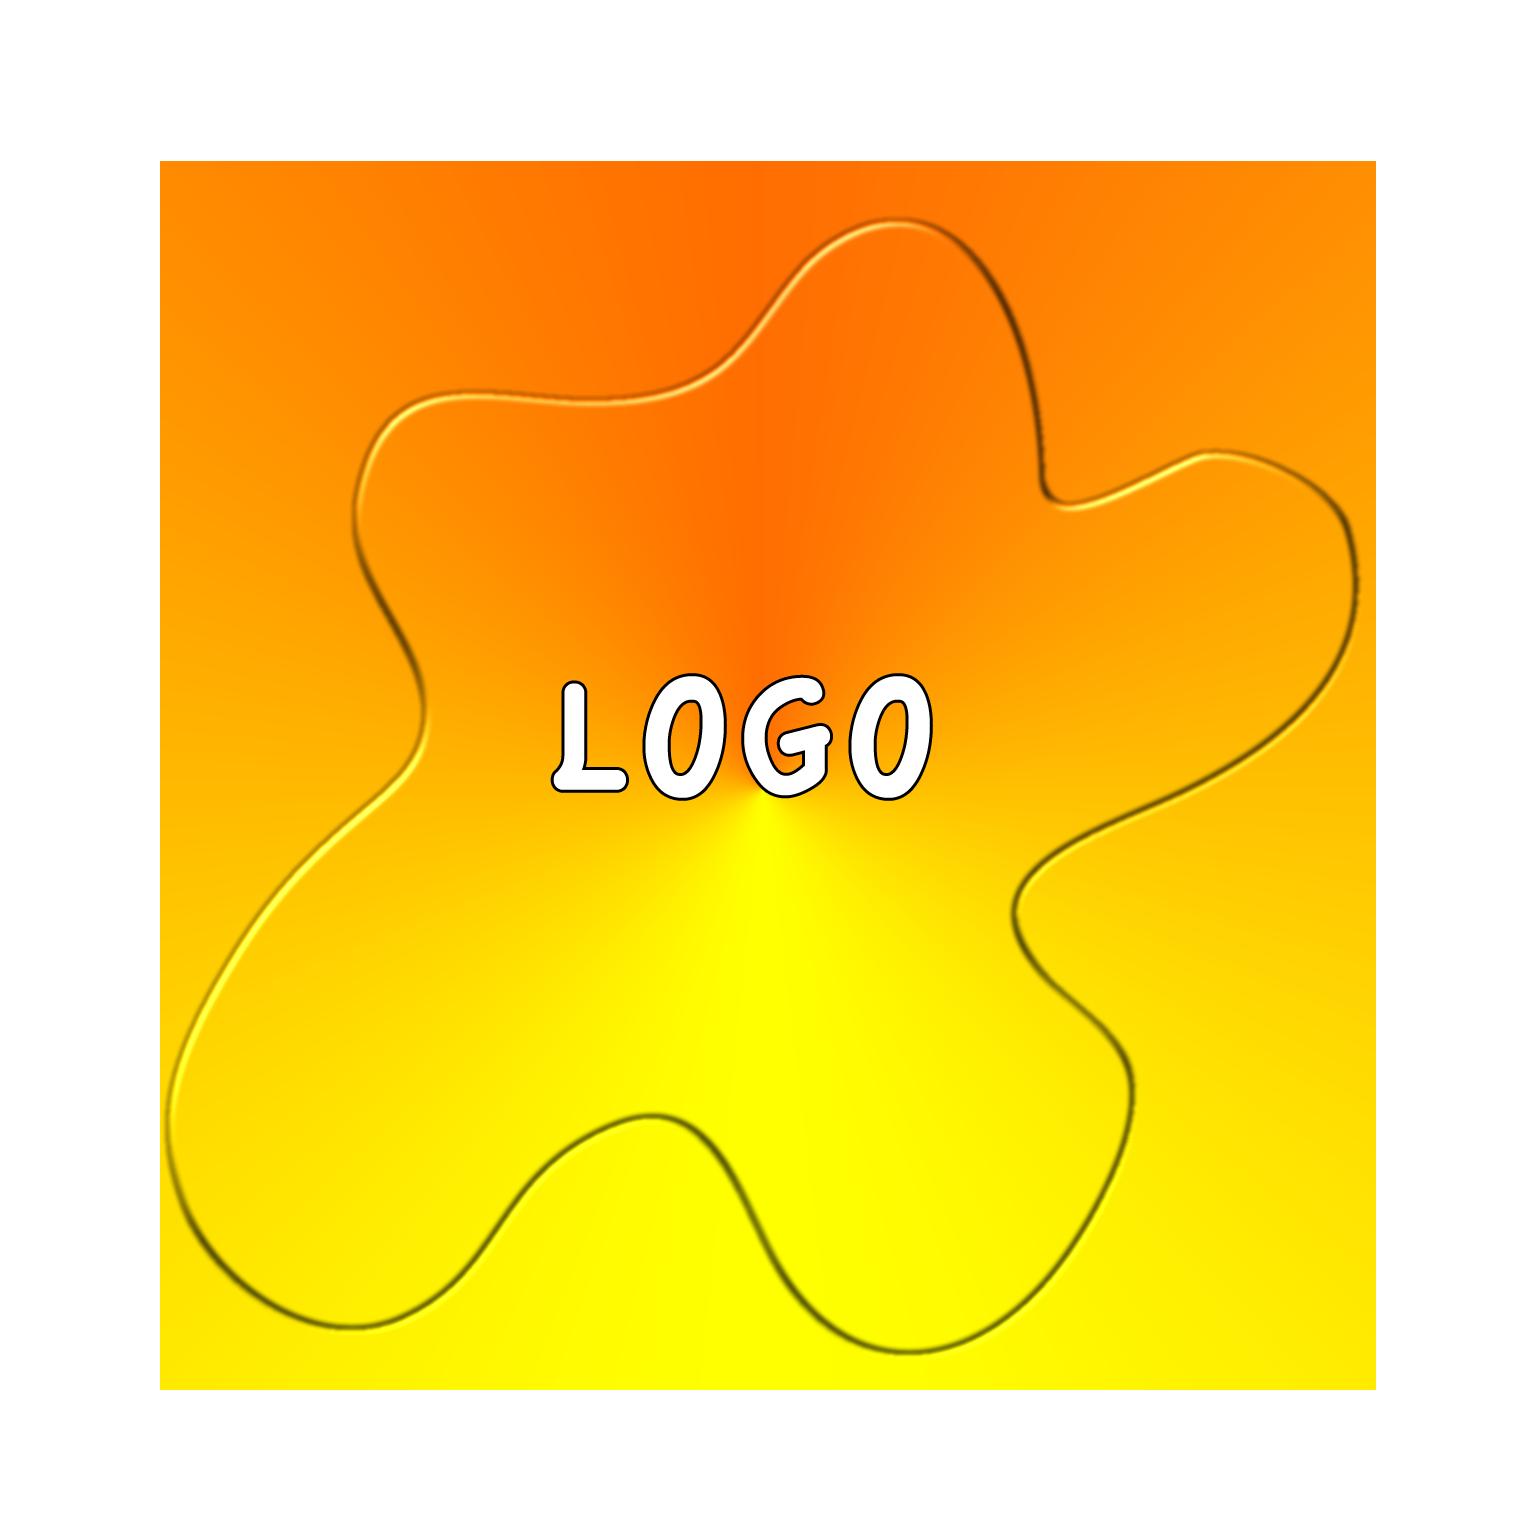 File download . Sample png files